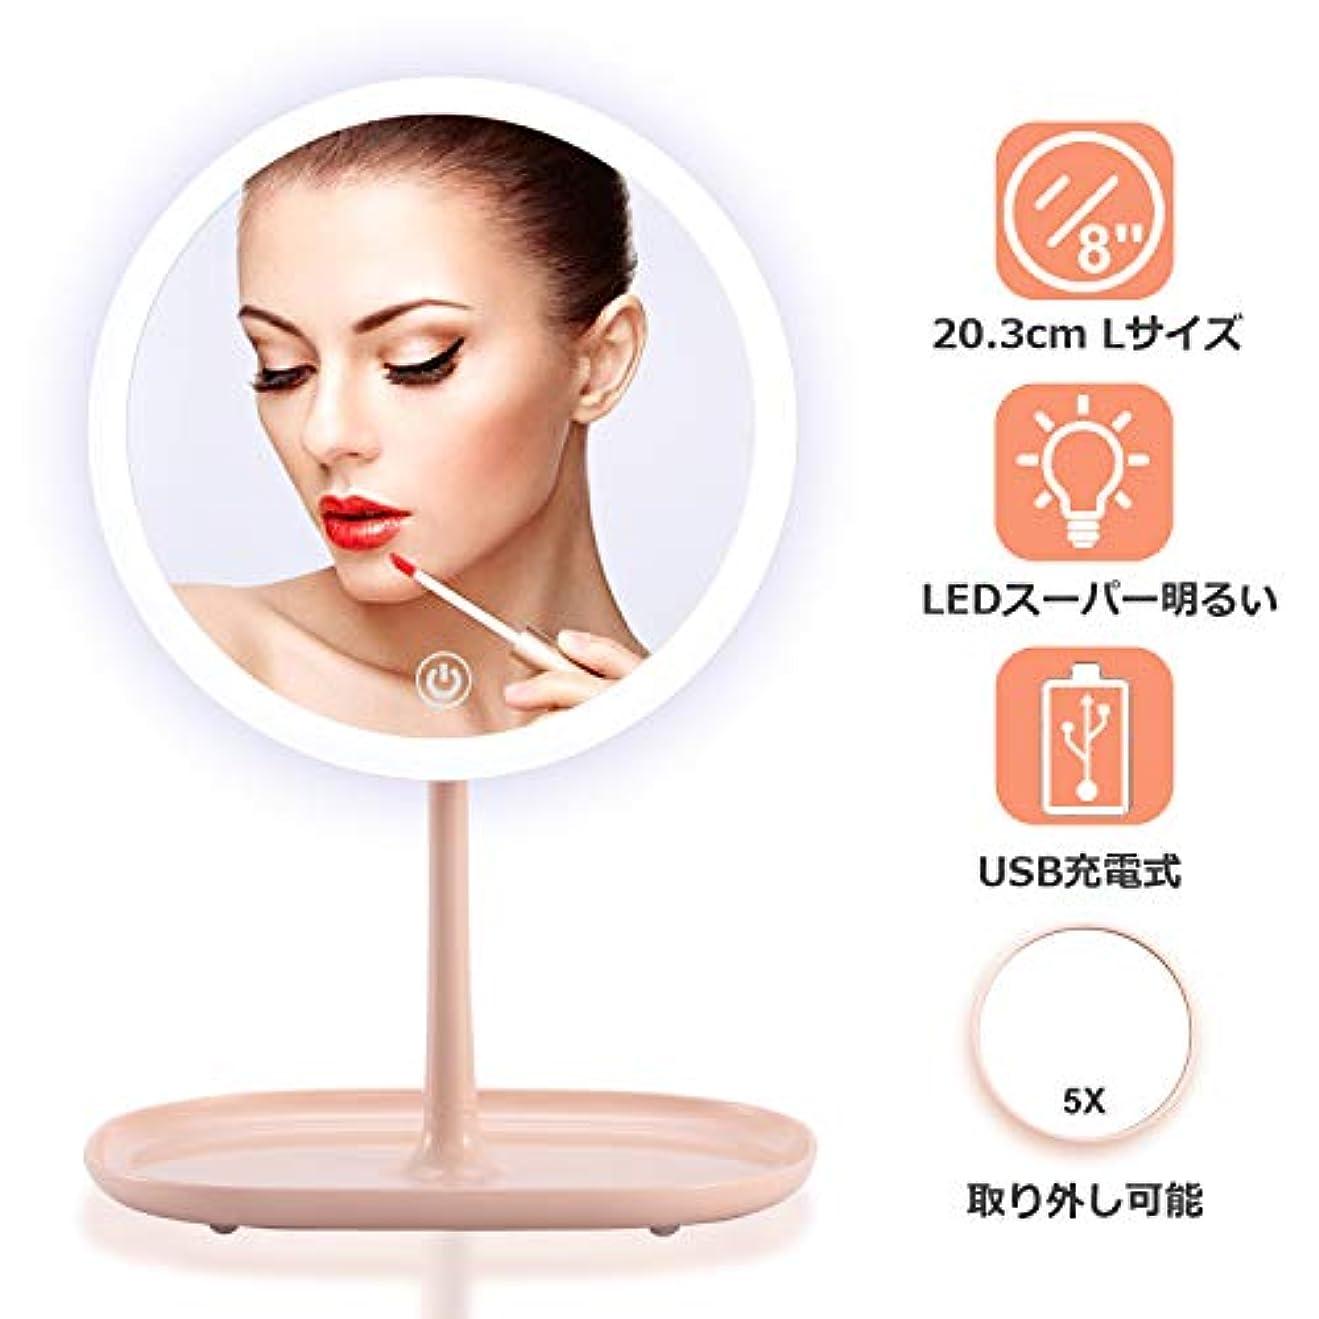 意図するペレット除外する化粧鏡 卓上ミラー 女優ミラー LEDミラー スタンドミラー USB充電式 5倍拡大鏡付き 明るさ階調節可能 90°回転 鏡面Φ203mm